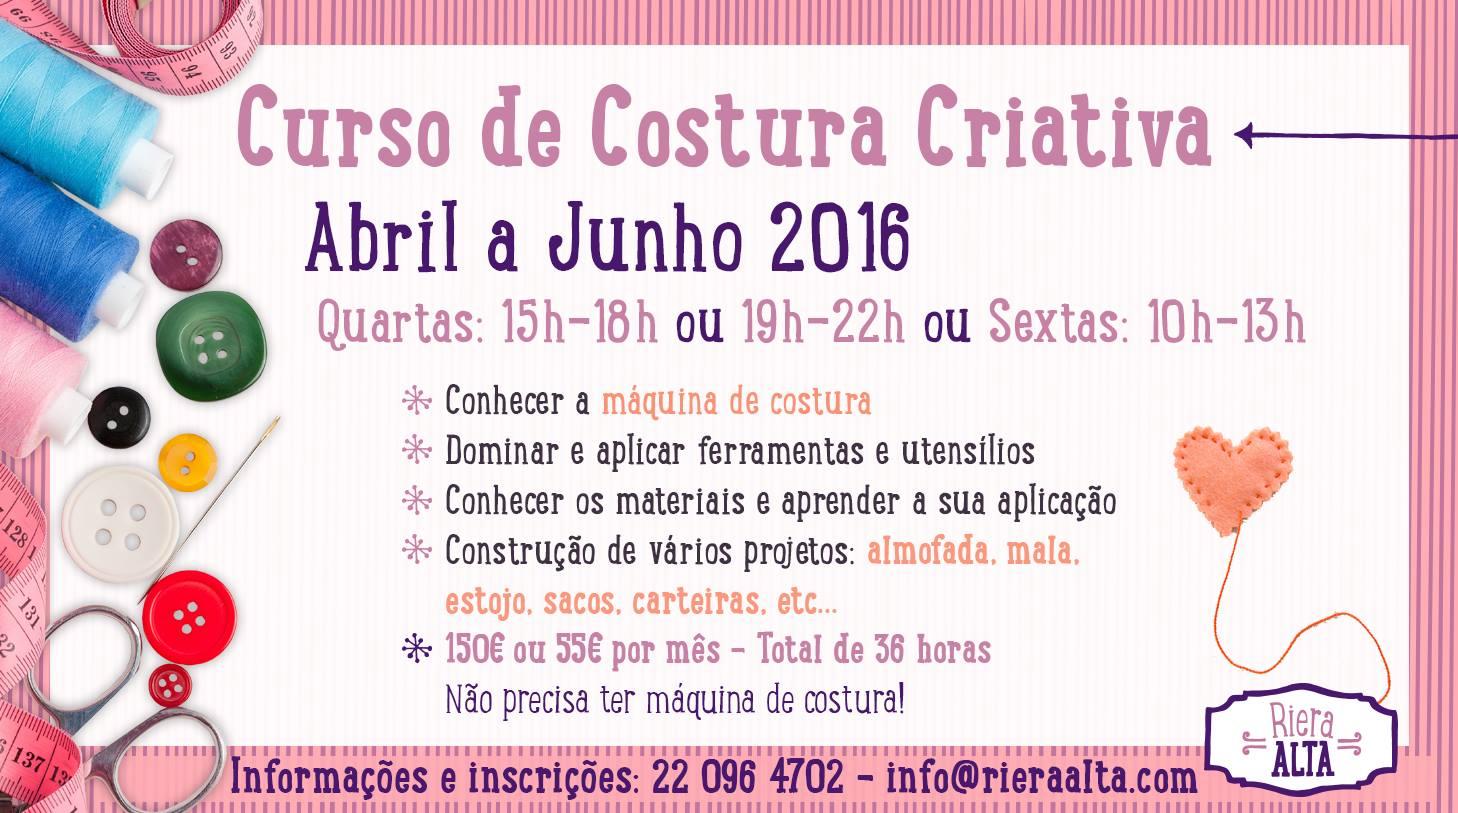 Curso de costura criativa no Porto (Abril a Junho de 2016)